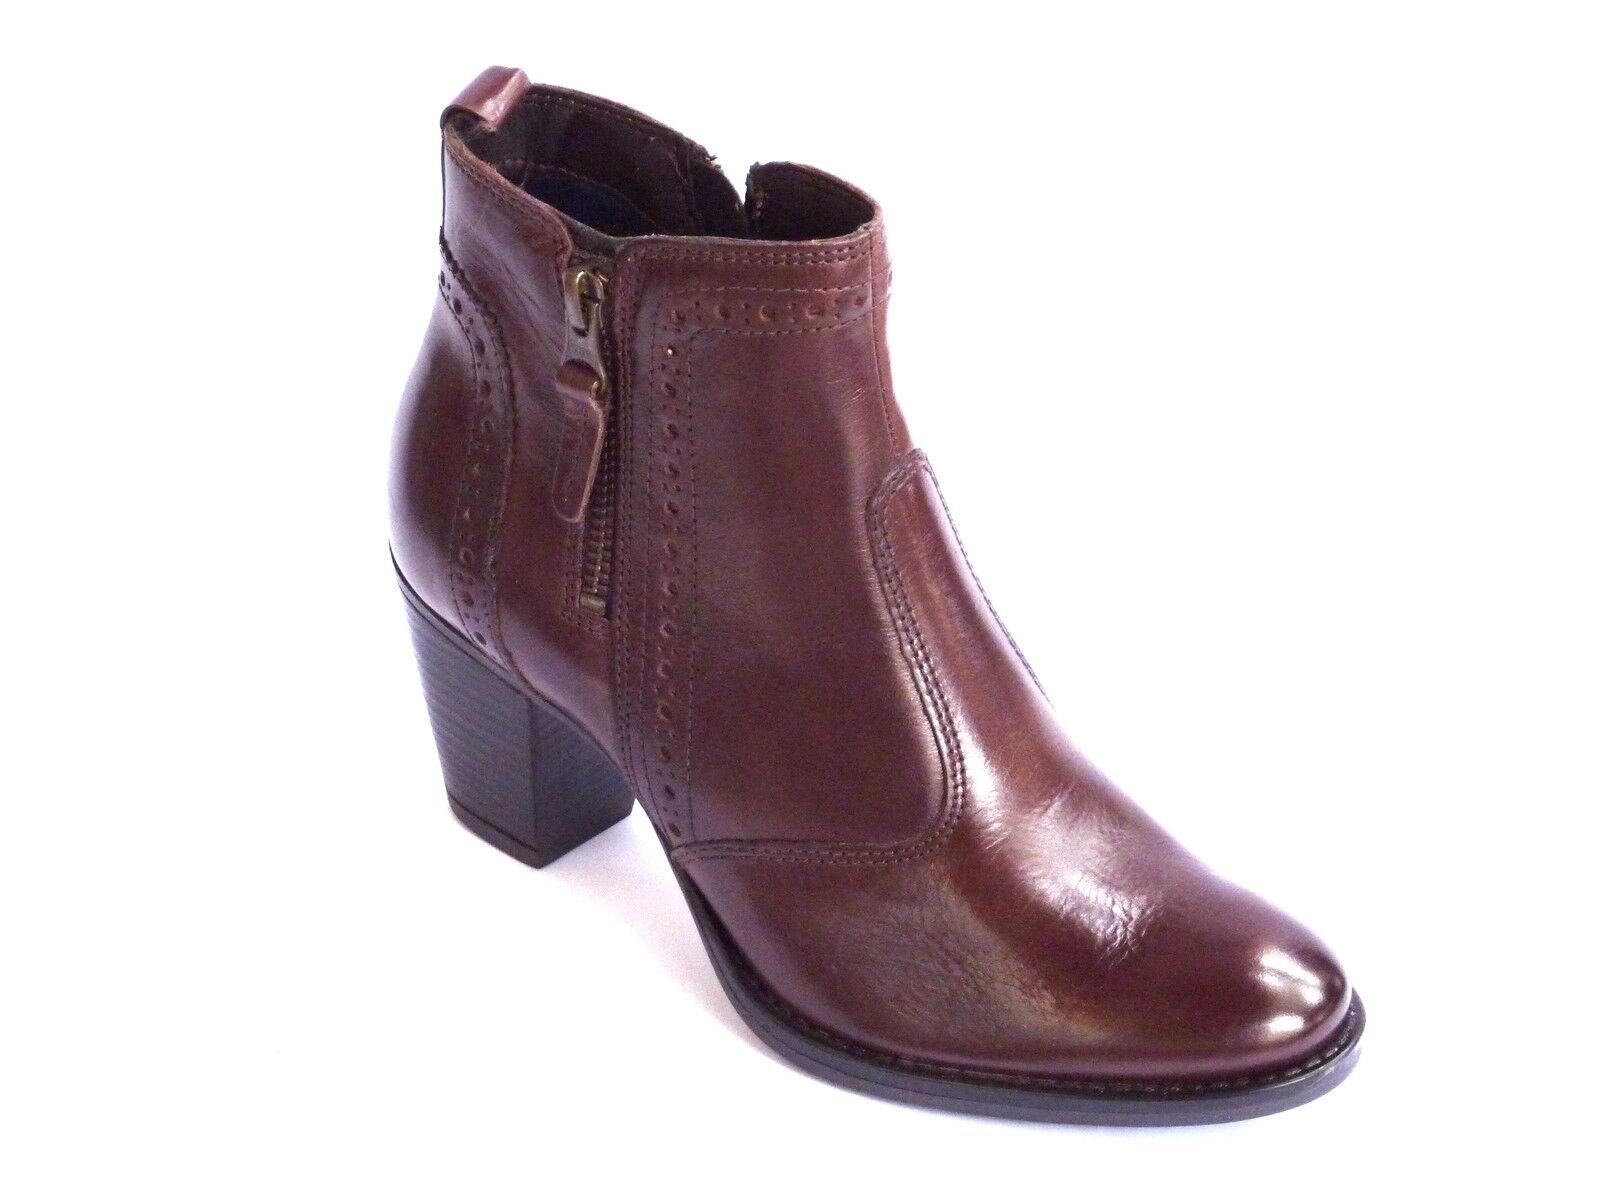 Zapatos especiales con descuento STIVALETTI DONNA TRONCHETTO PELLE MARRONE MODA CALDO INVERNO TACCO MEDIO  n. 36